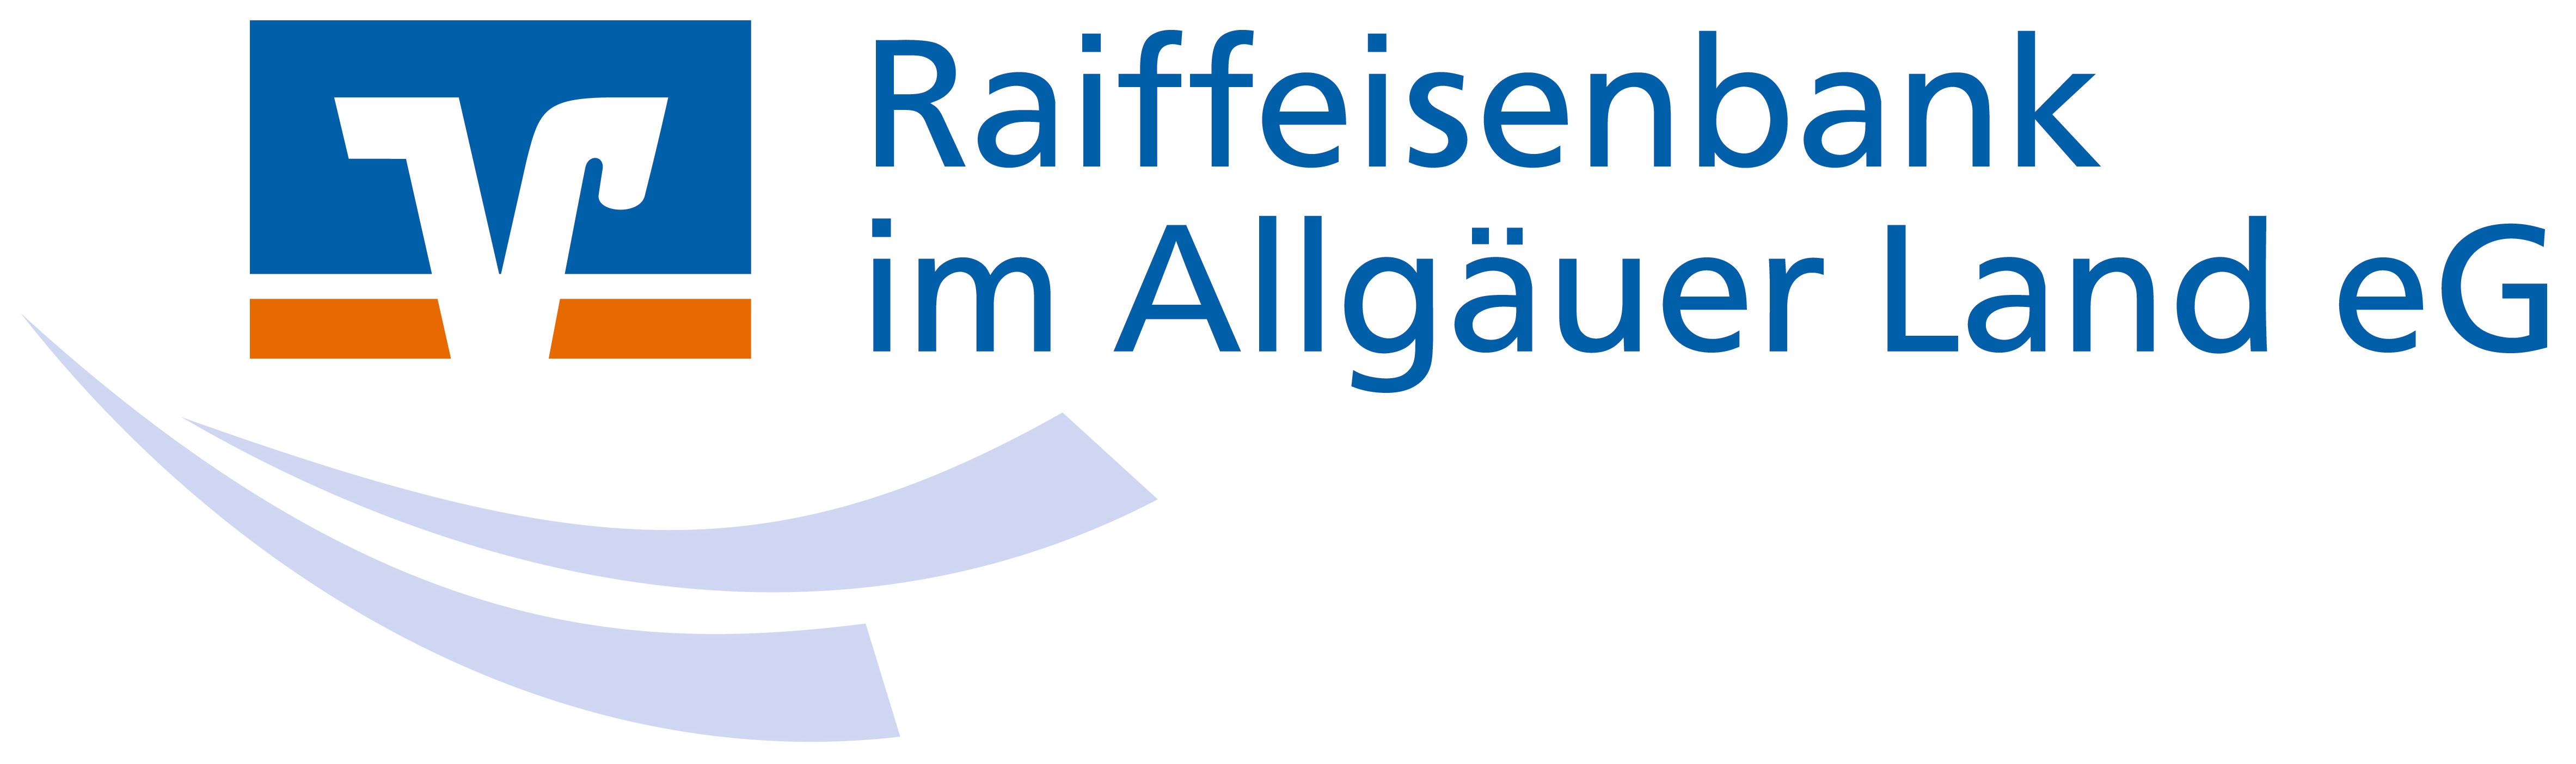 Raiffeisenbank im Allgäuer Land eG in Frauenzell